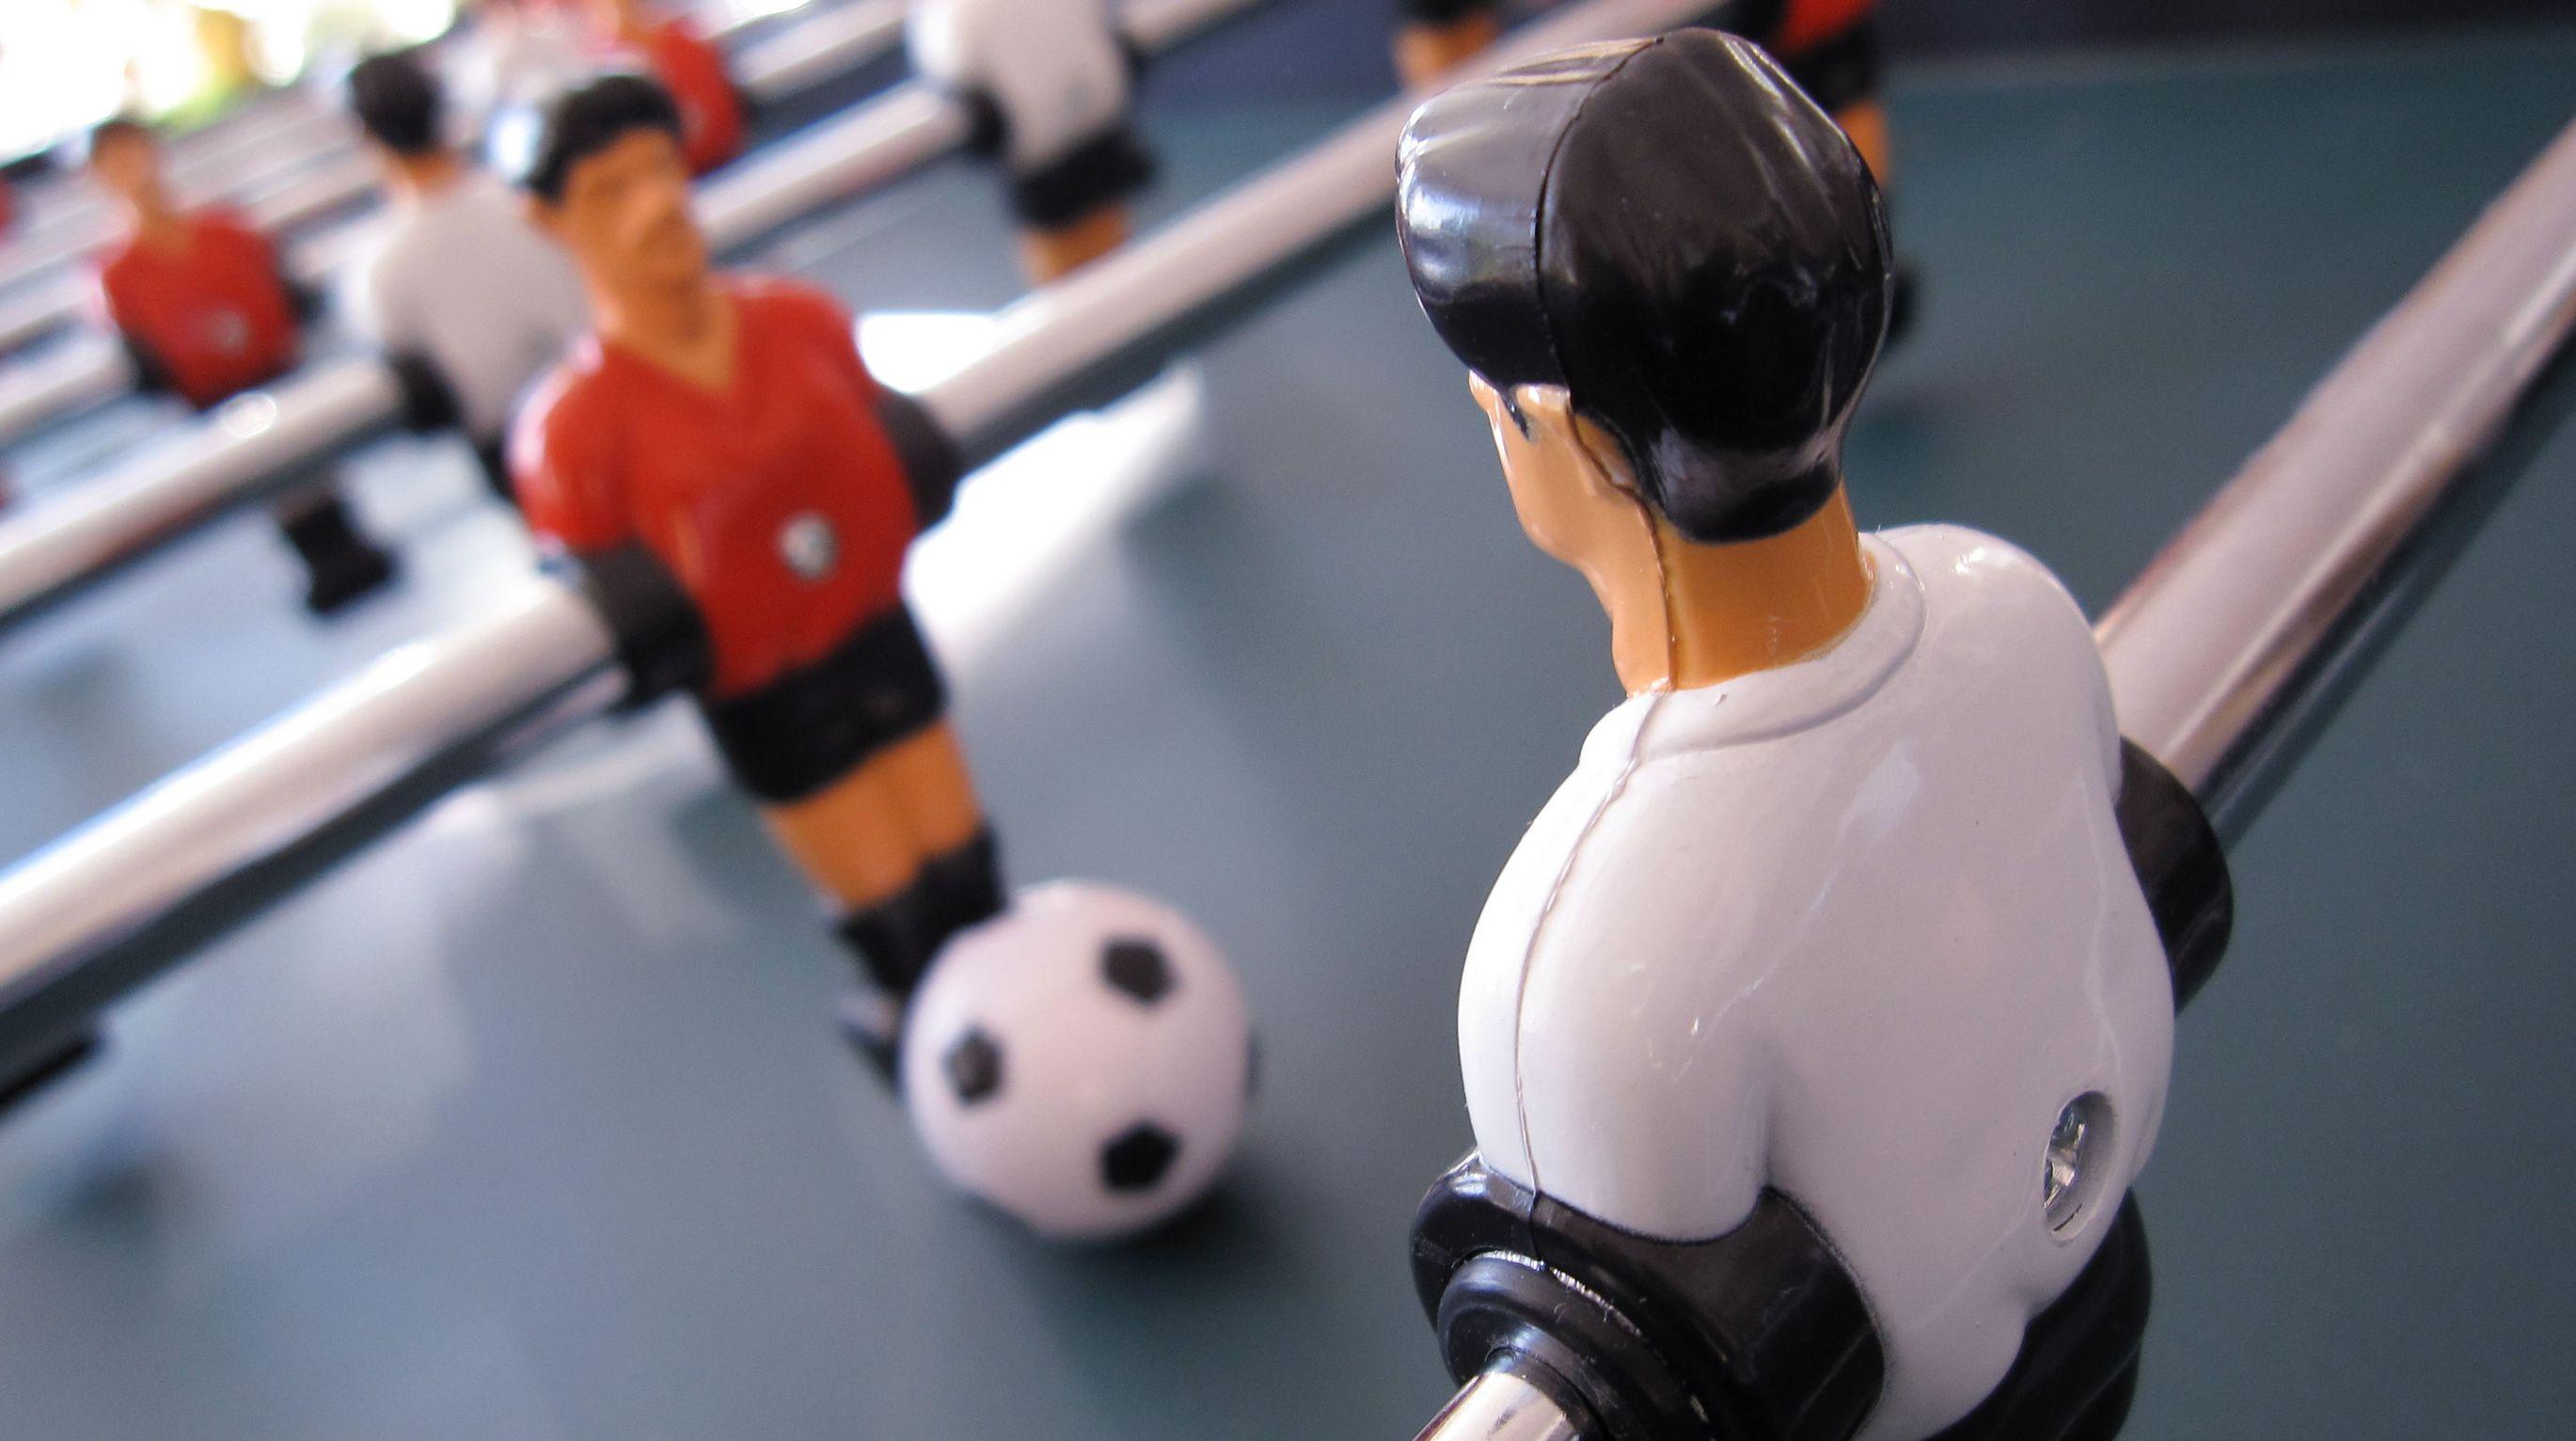 Csocsó: labdakezelés és támadás